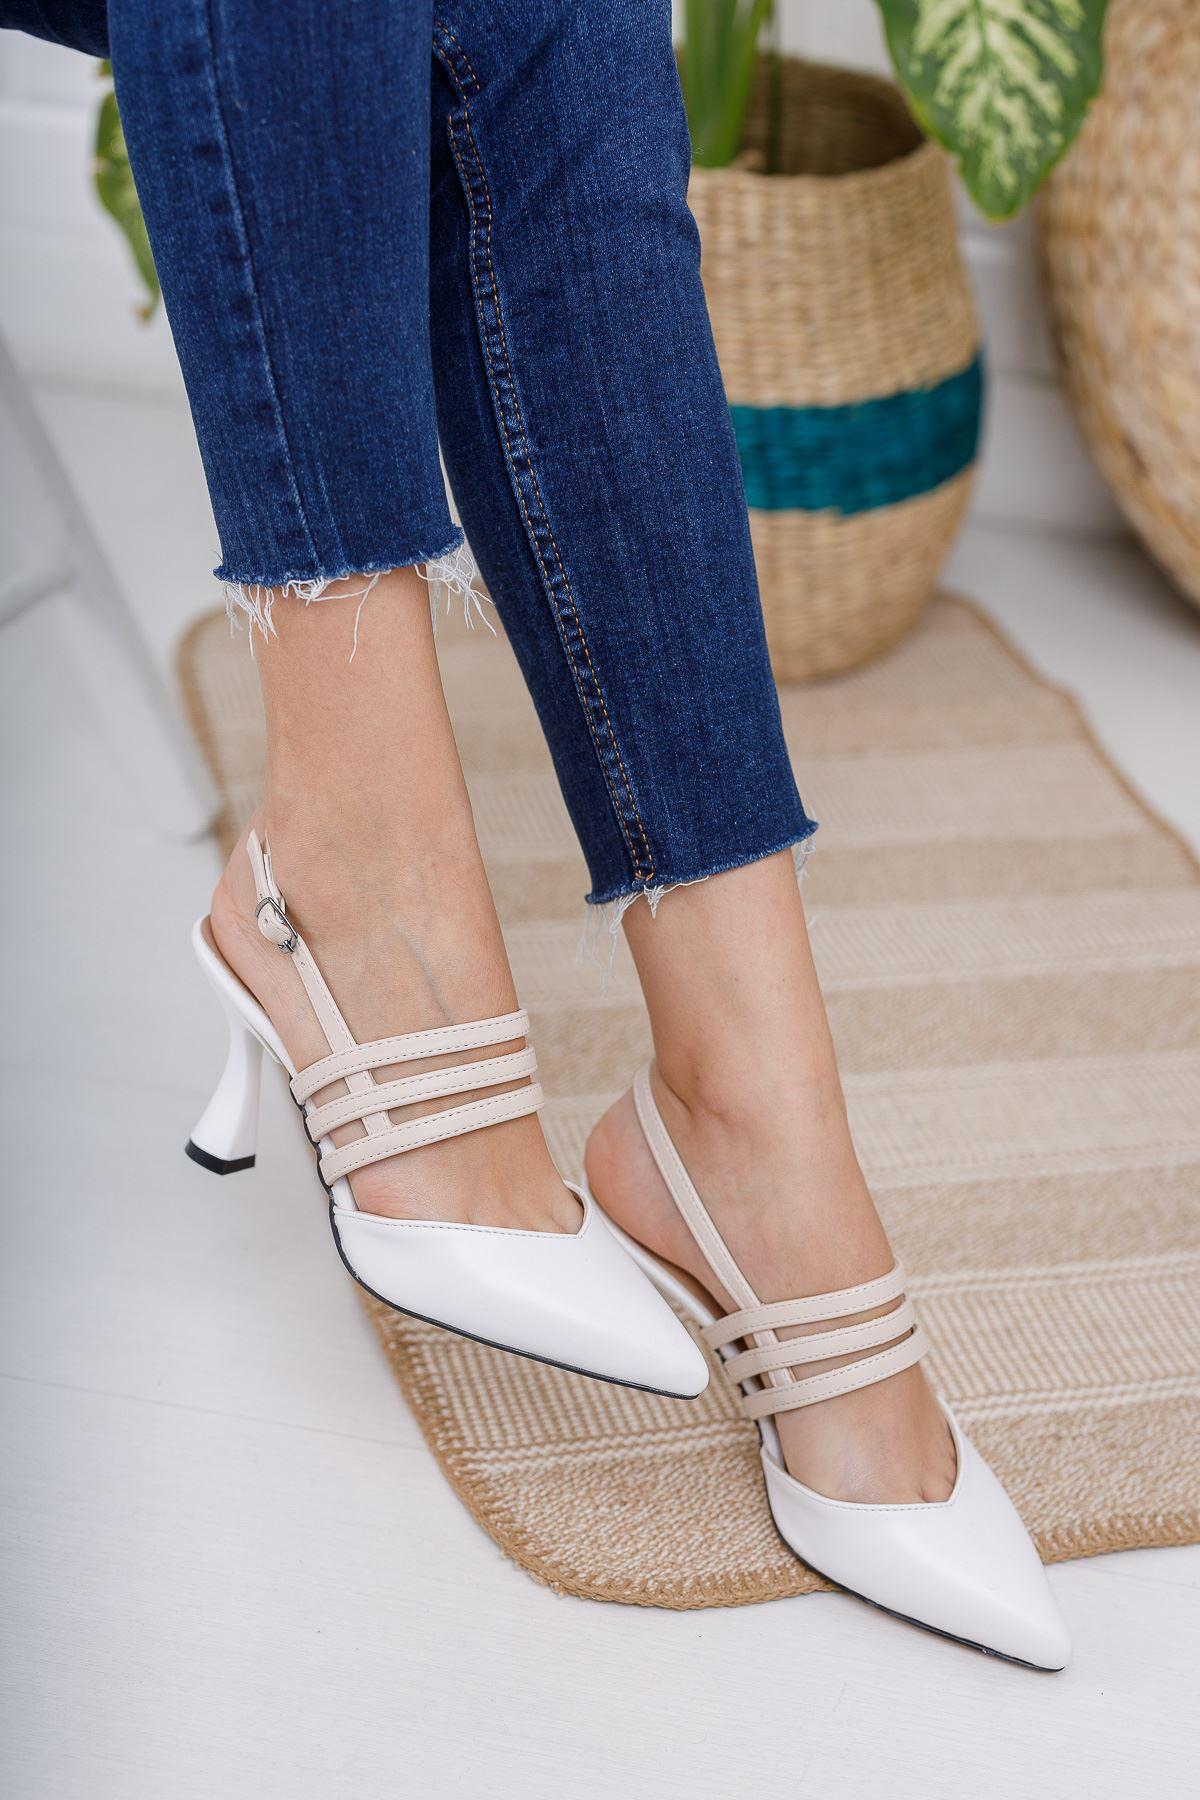 Kadın Minta Sivri Burun Mat Deri Ten-Beyaz Detay Kadeh Topuklu Ayakkabı